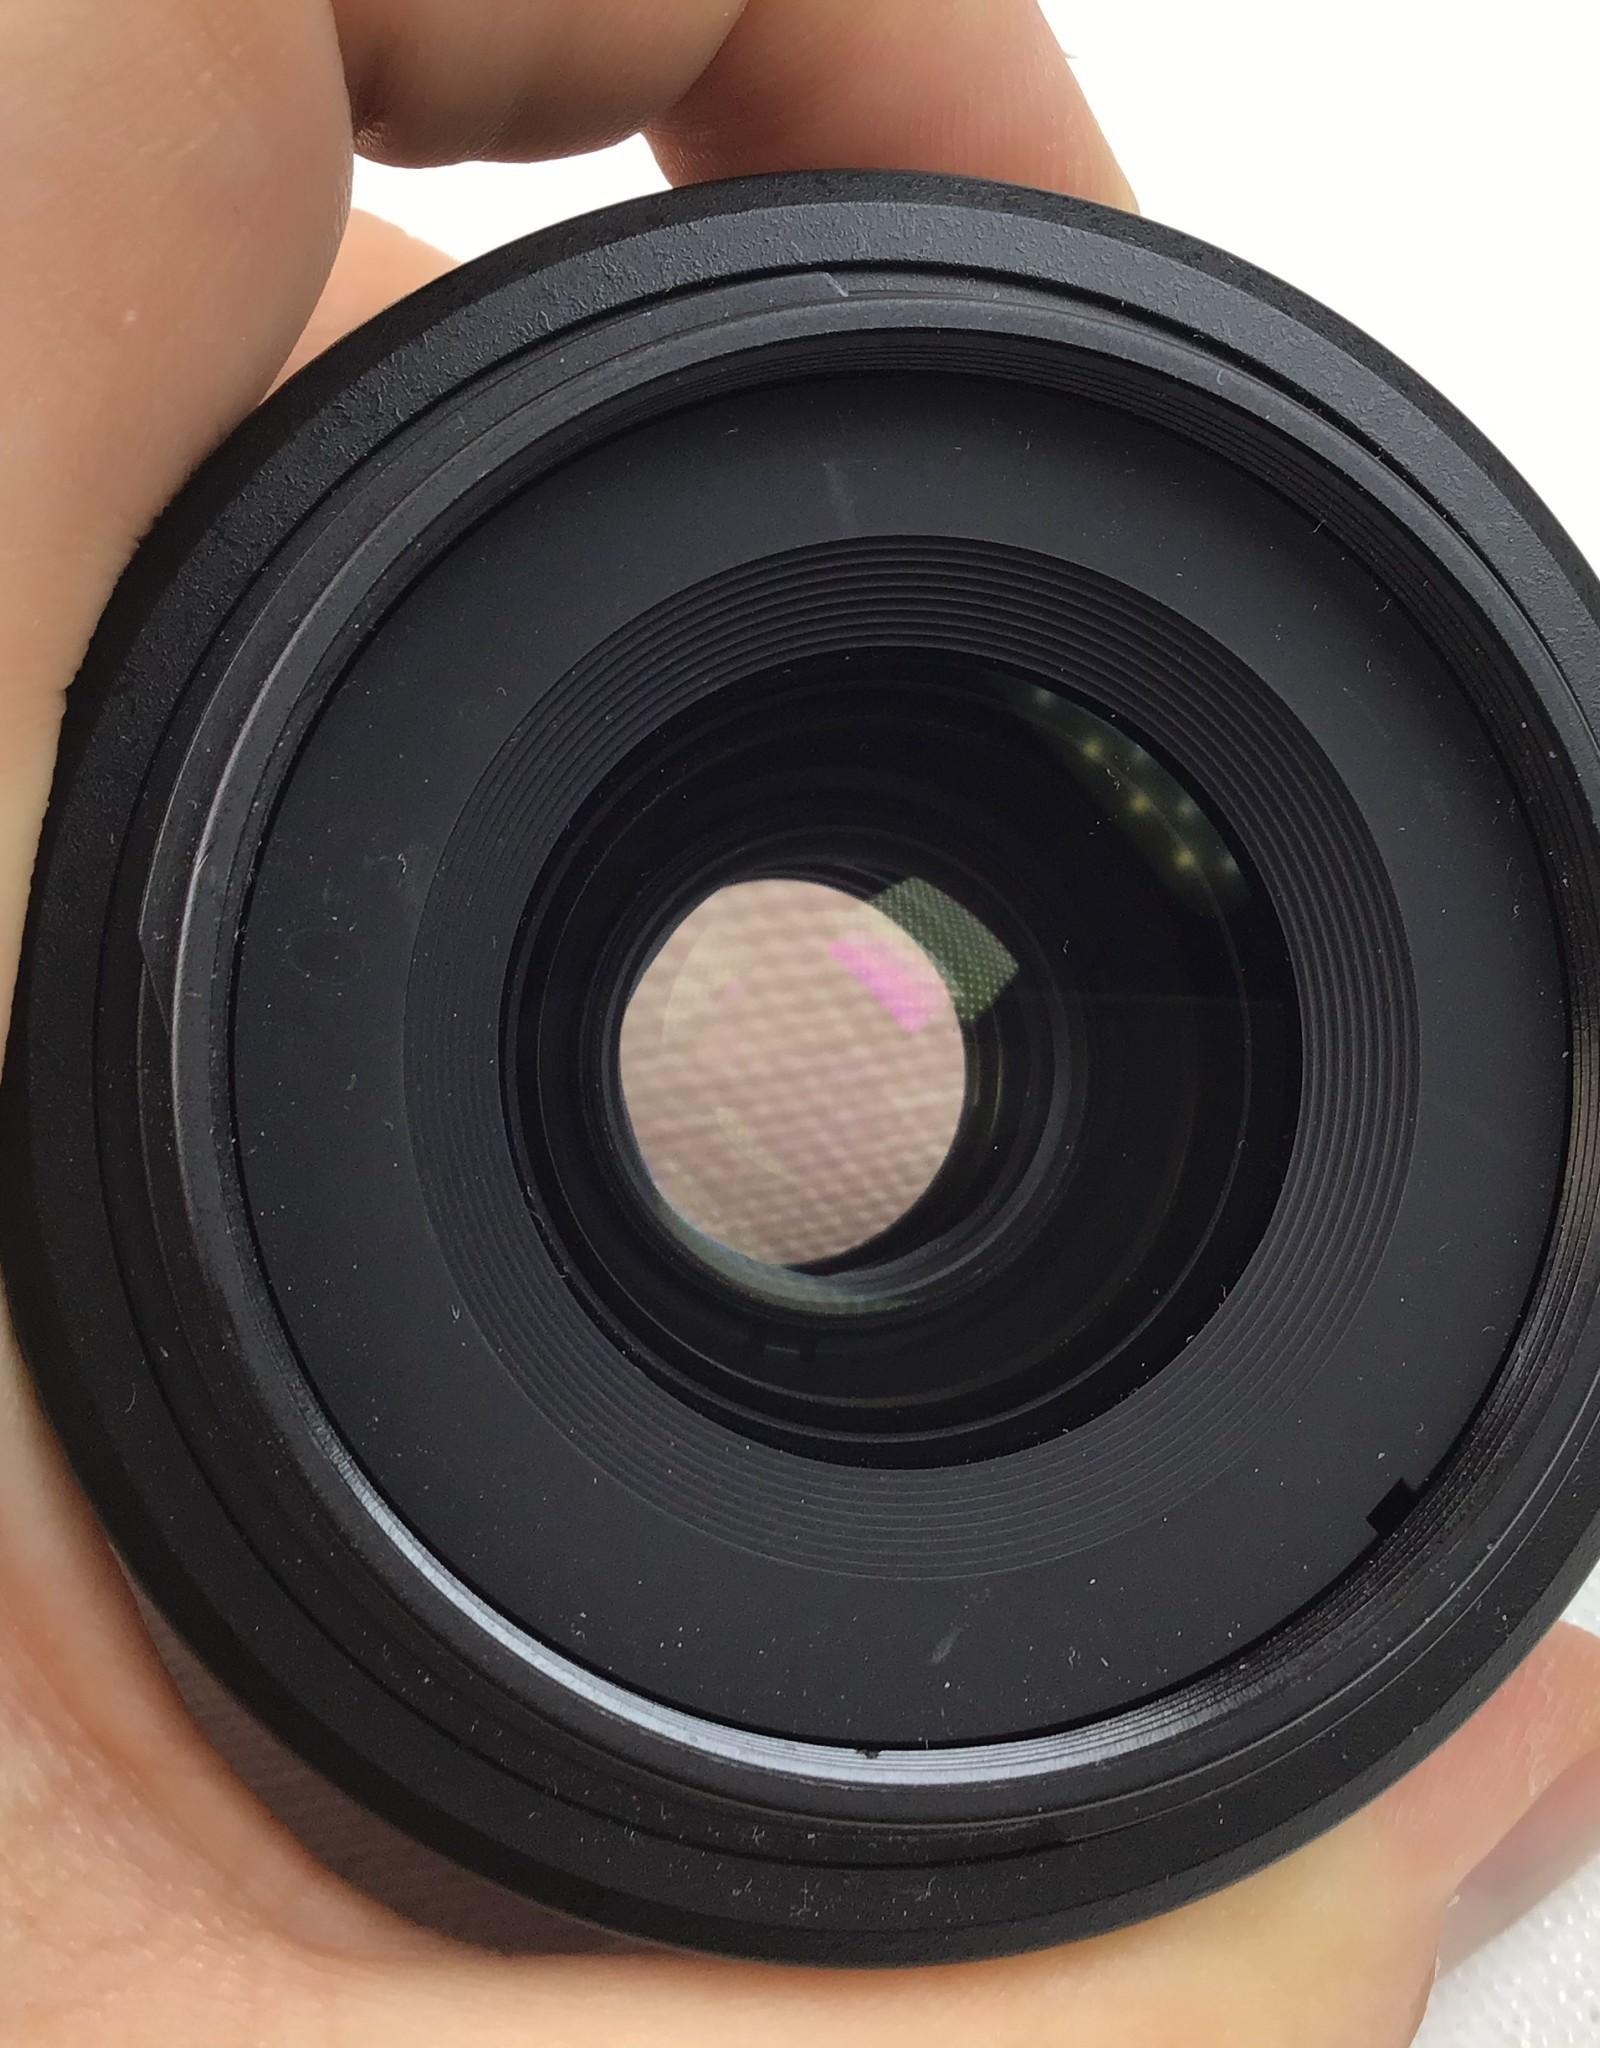 NIKON Nikon AF-S Nikkor 35mm f1.8 G Lens Used EX